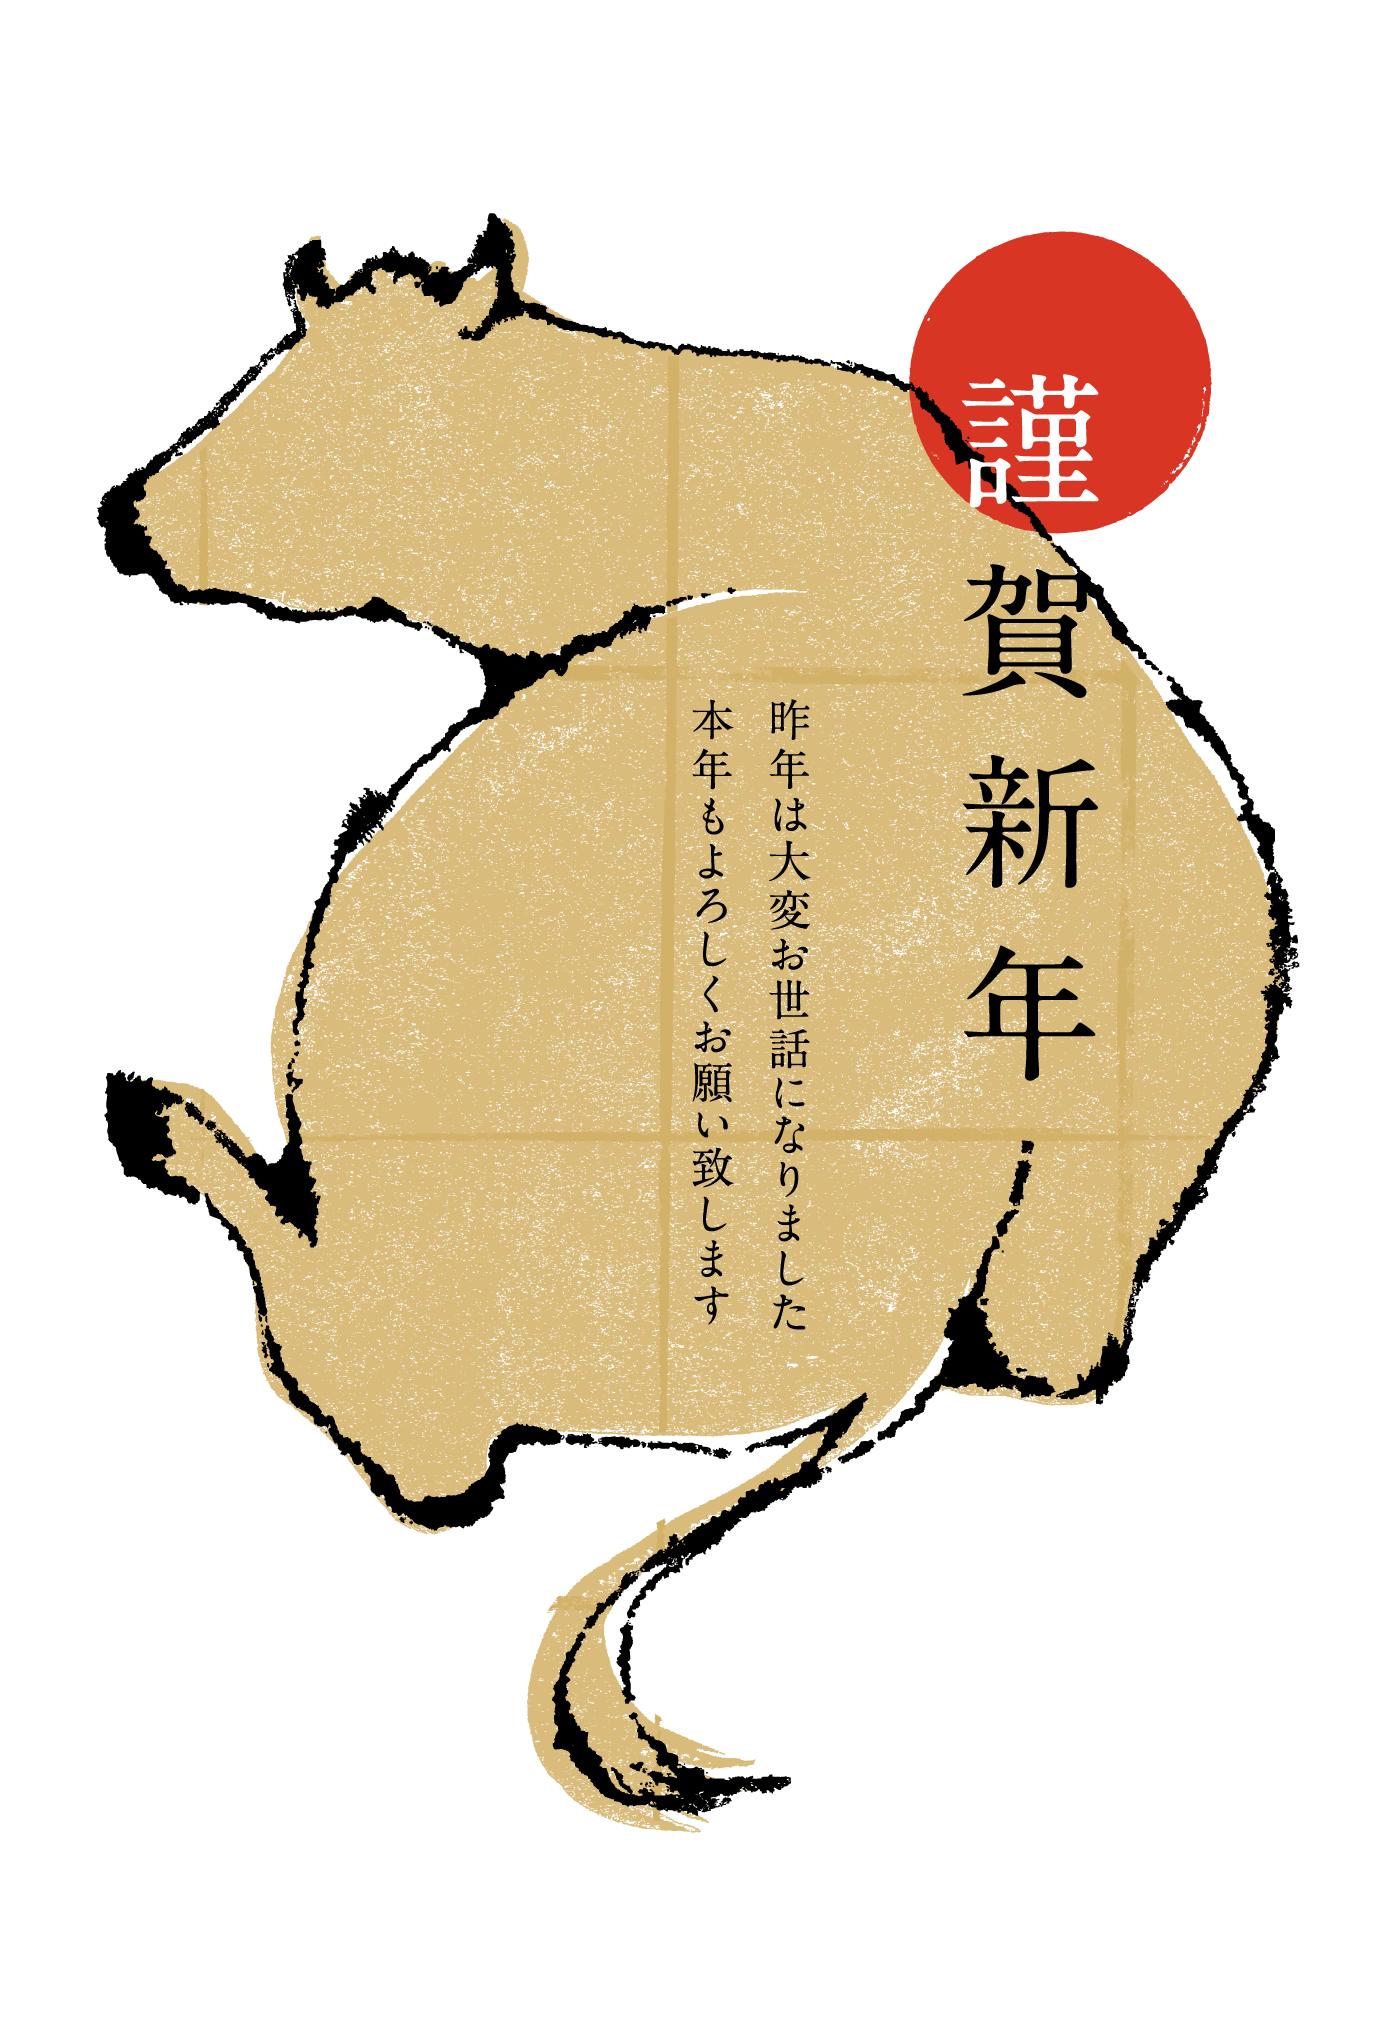 2009年賀状20:謹賀新年 / 2のダウンロード画像